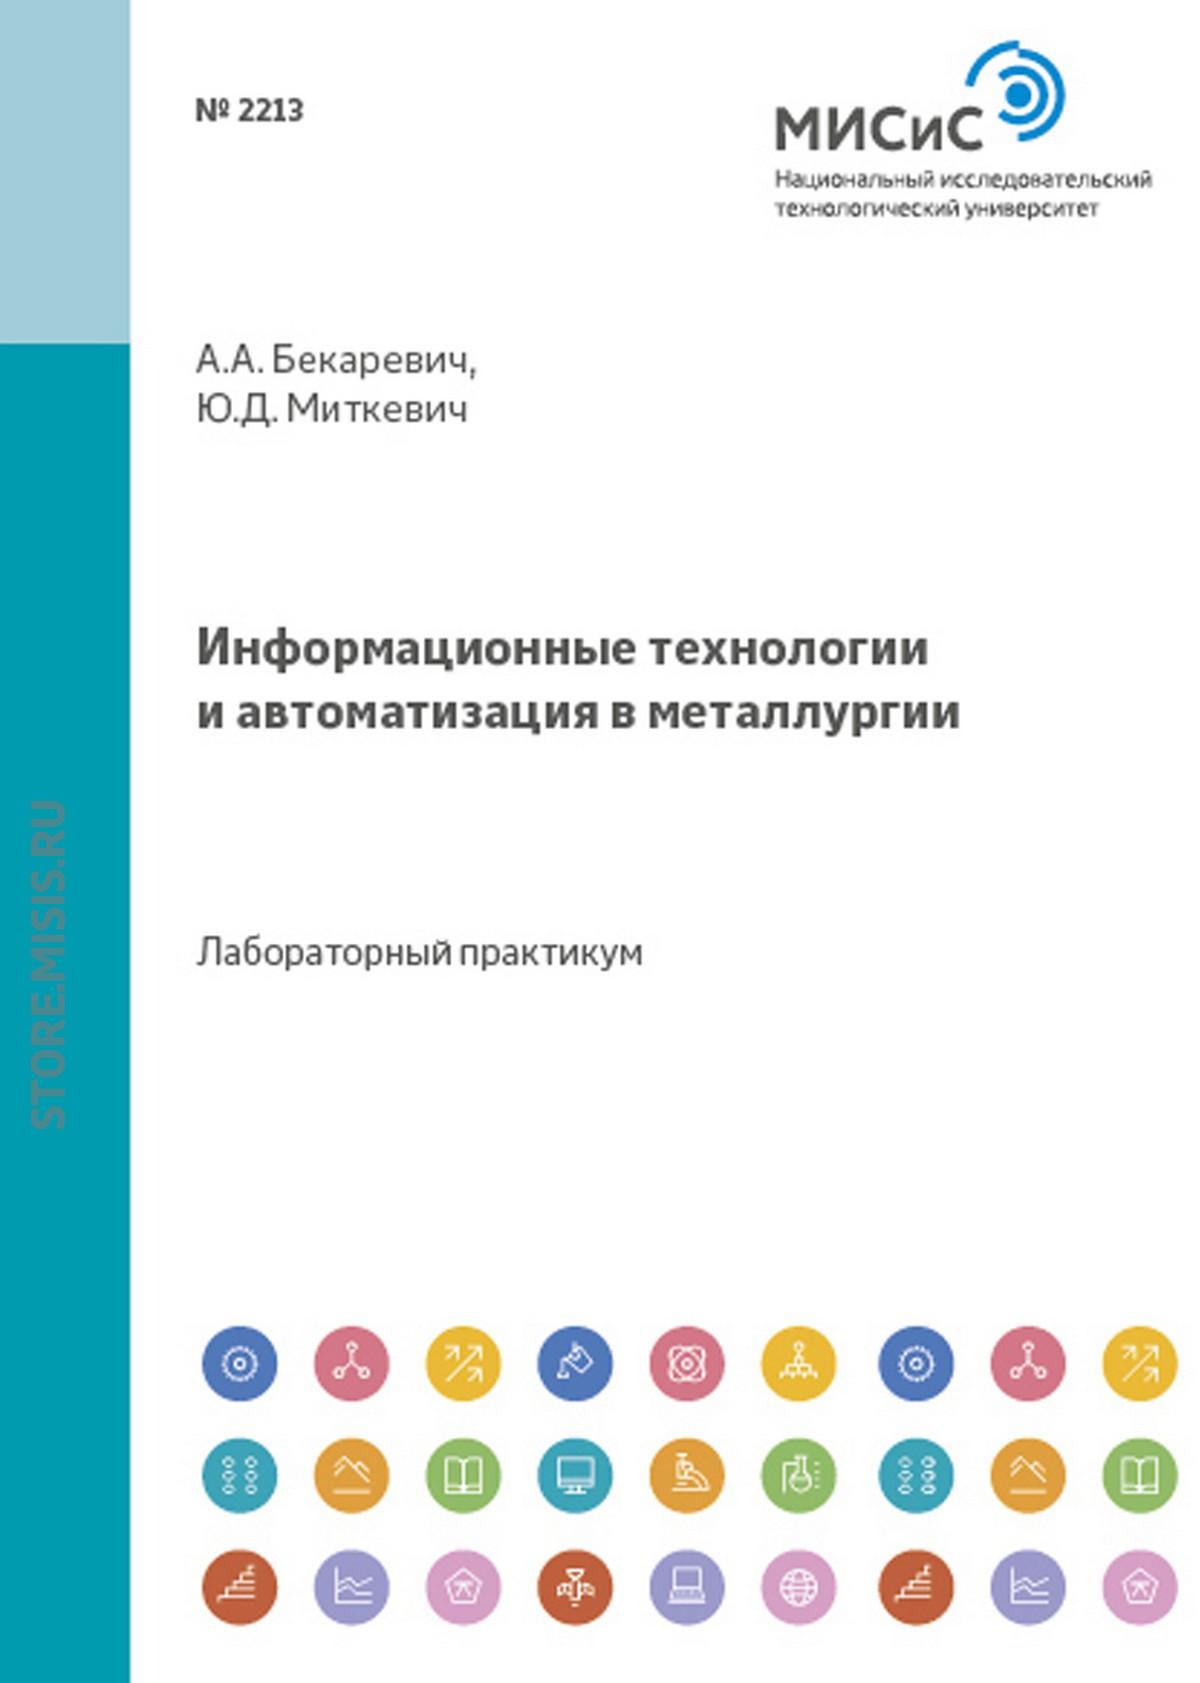 Юрий Миткевич Информационные технологии и автоматизация в металлургии